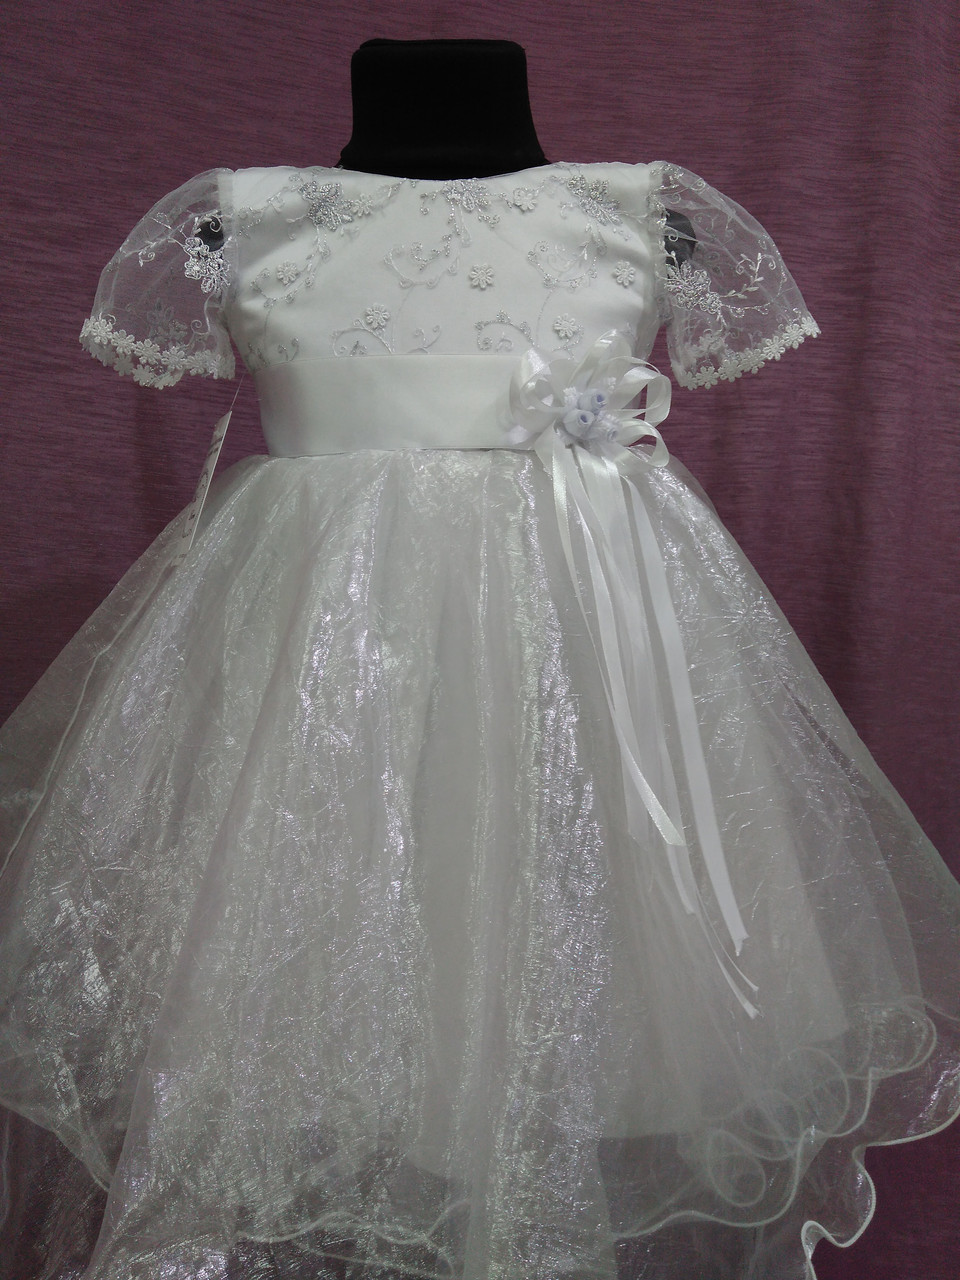 Детское платье нарядное на 3-5 лет белое с серебряным